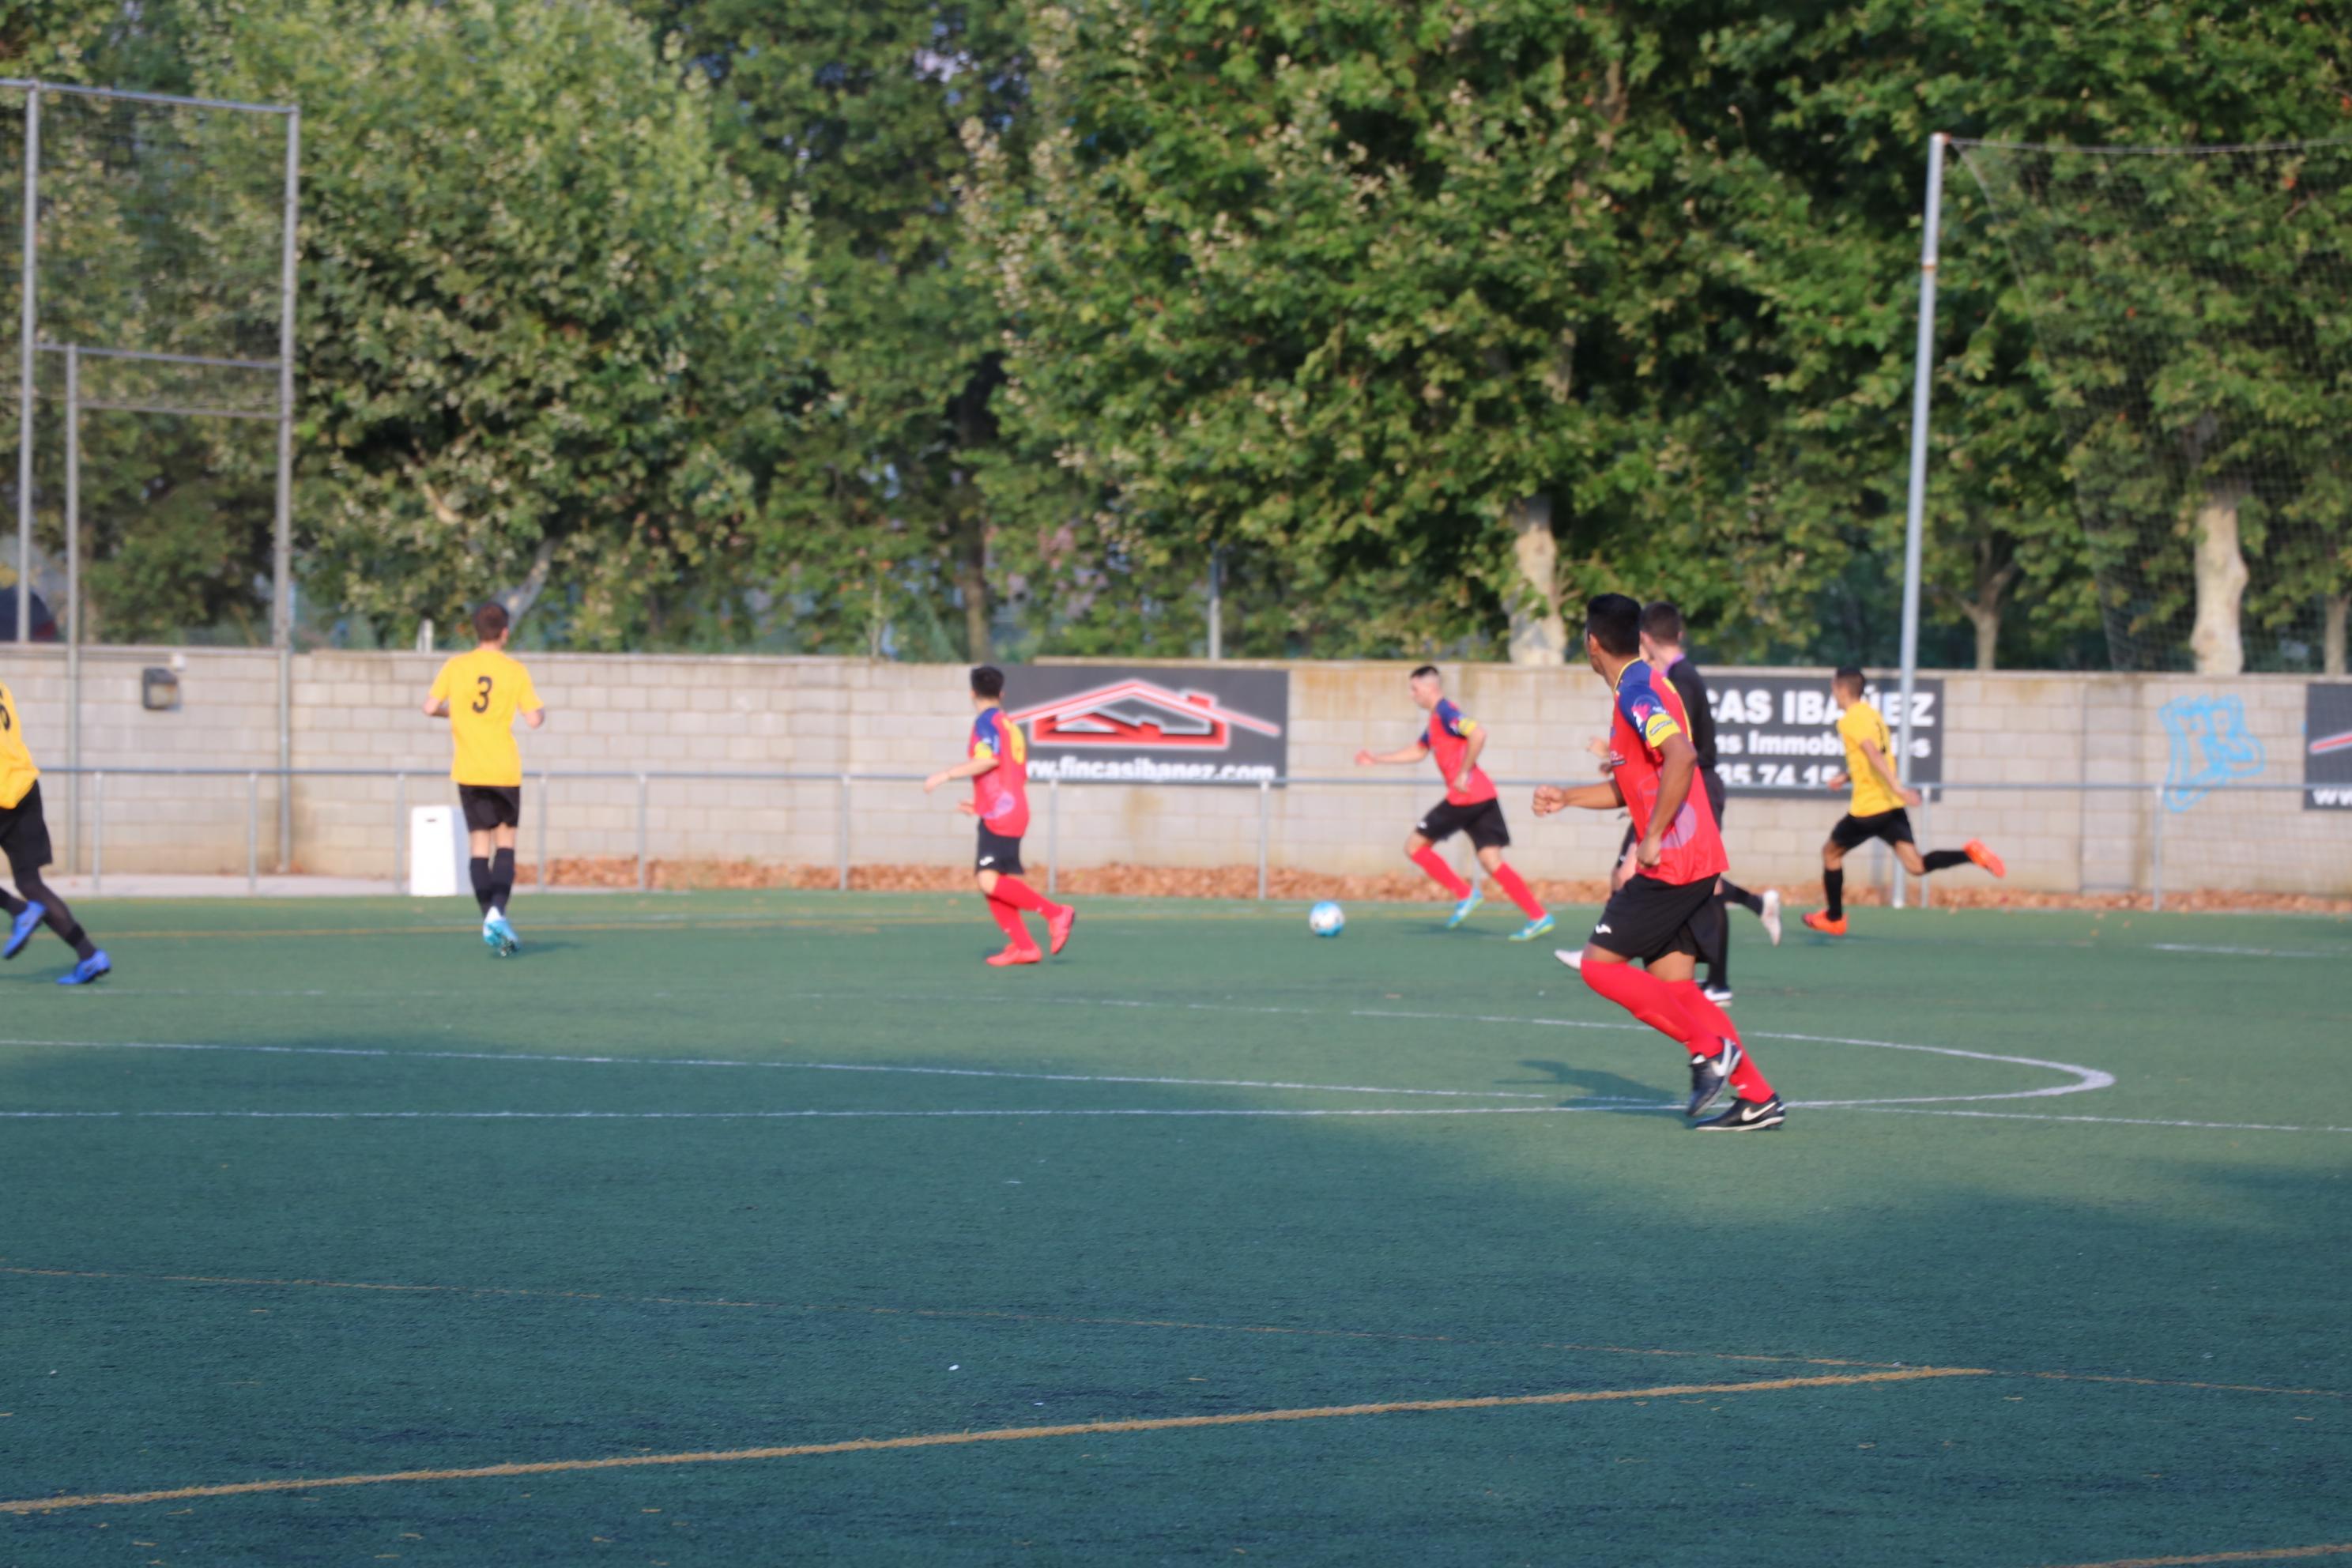 El CE la Llagosta perd per la mínima contra l'Escola de Futbol Barberà Andalucía B (1-0)